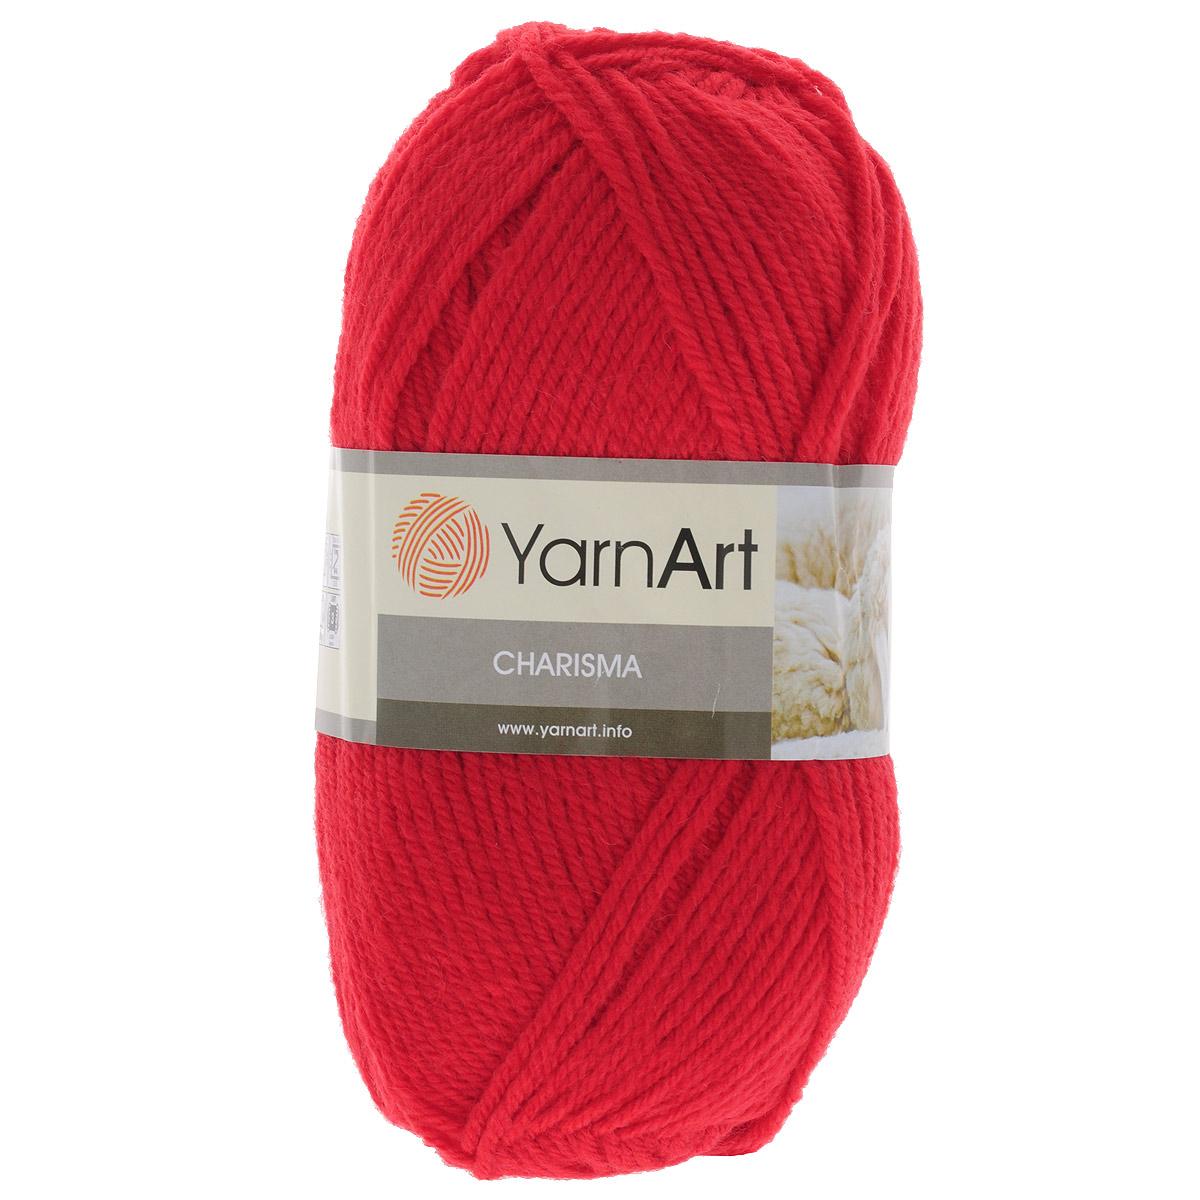 Пряжа для вязания YarnArt Charisma, цвет: красный (156), 200 м, 100 г, 5 шт372032_156Пряжа для вязания YarnArt Charisma изготовлена из шерсти и акрила. Эта полушерстяная классическая пряжа подходит для ручного вязания. Нить мягкая, плотной скрутки, послушная, не расслаивается, не тянется, легко распускается и не деформируется. Благодаря преобладанию шерсти в составе пряжи, изделия получаются очень теплыми, а небольшой процент акрила придает практичности, поэтому вещи из этой пряжи не деформируются после стирки и в процессе носки. Пряжа YarnArt Charisma — однотонной окраски с небольшим матовым эффектом. Ей можно оригинально декорировать вязаные из другой пряжи изделия. Пряжа окрашена стойкими качественными красителями, не линяет. Рекомендуются спицы 4 мм, крючок 5 мм. Состав: 80% шерсть, 20% акрил.